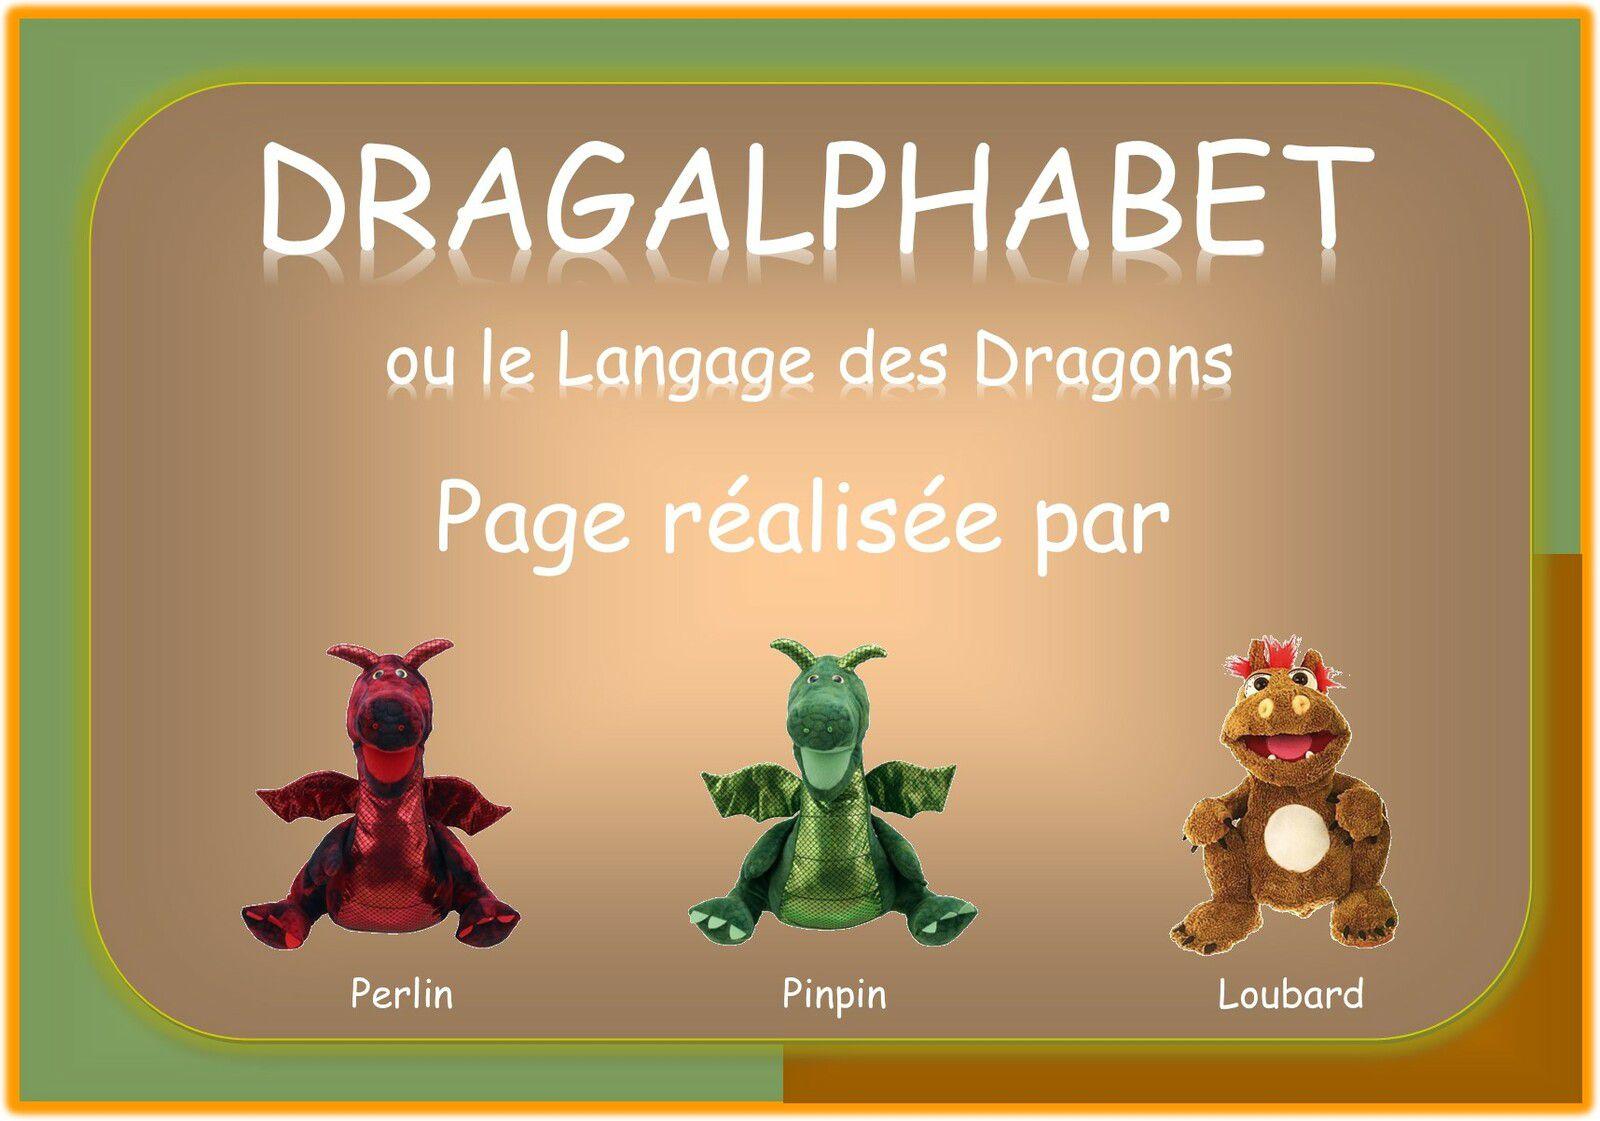 DRAGALPHABET ou le langage des Dragons